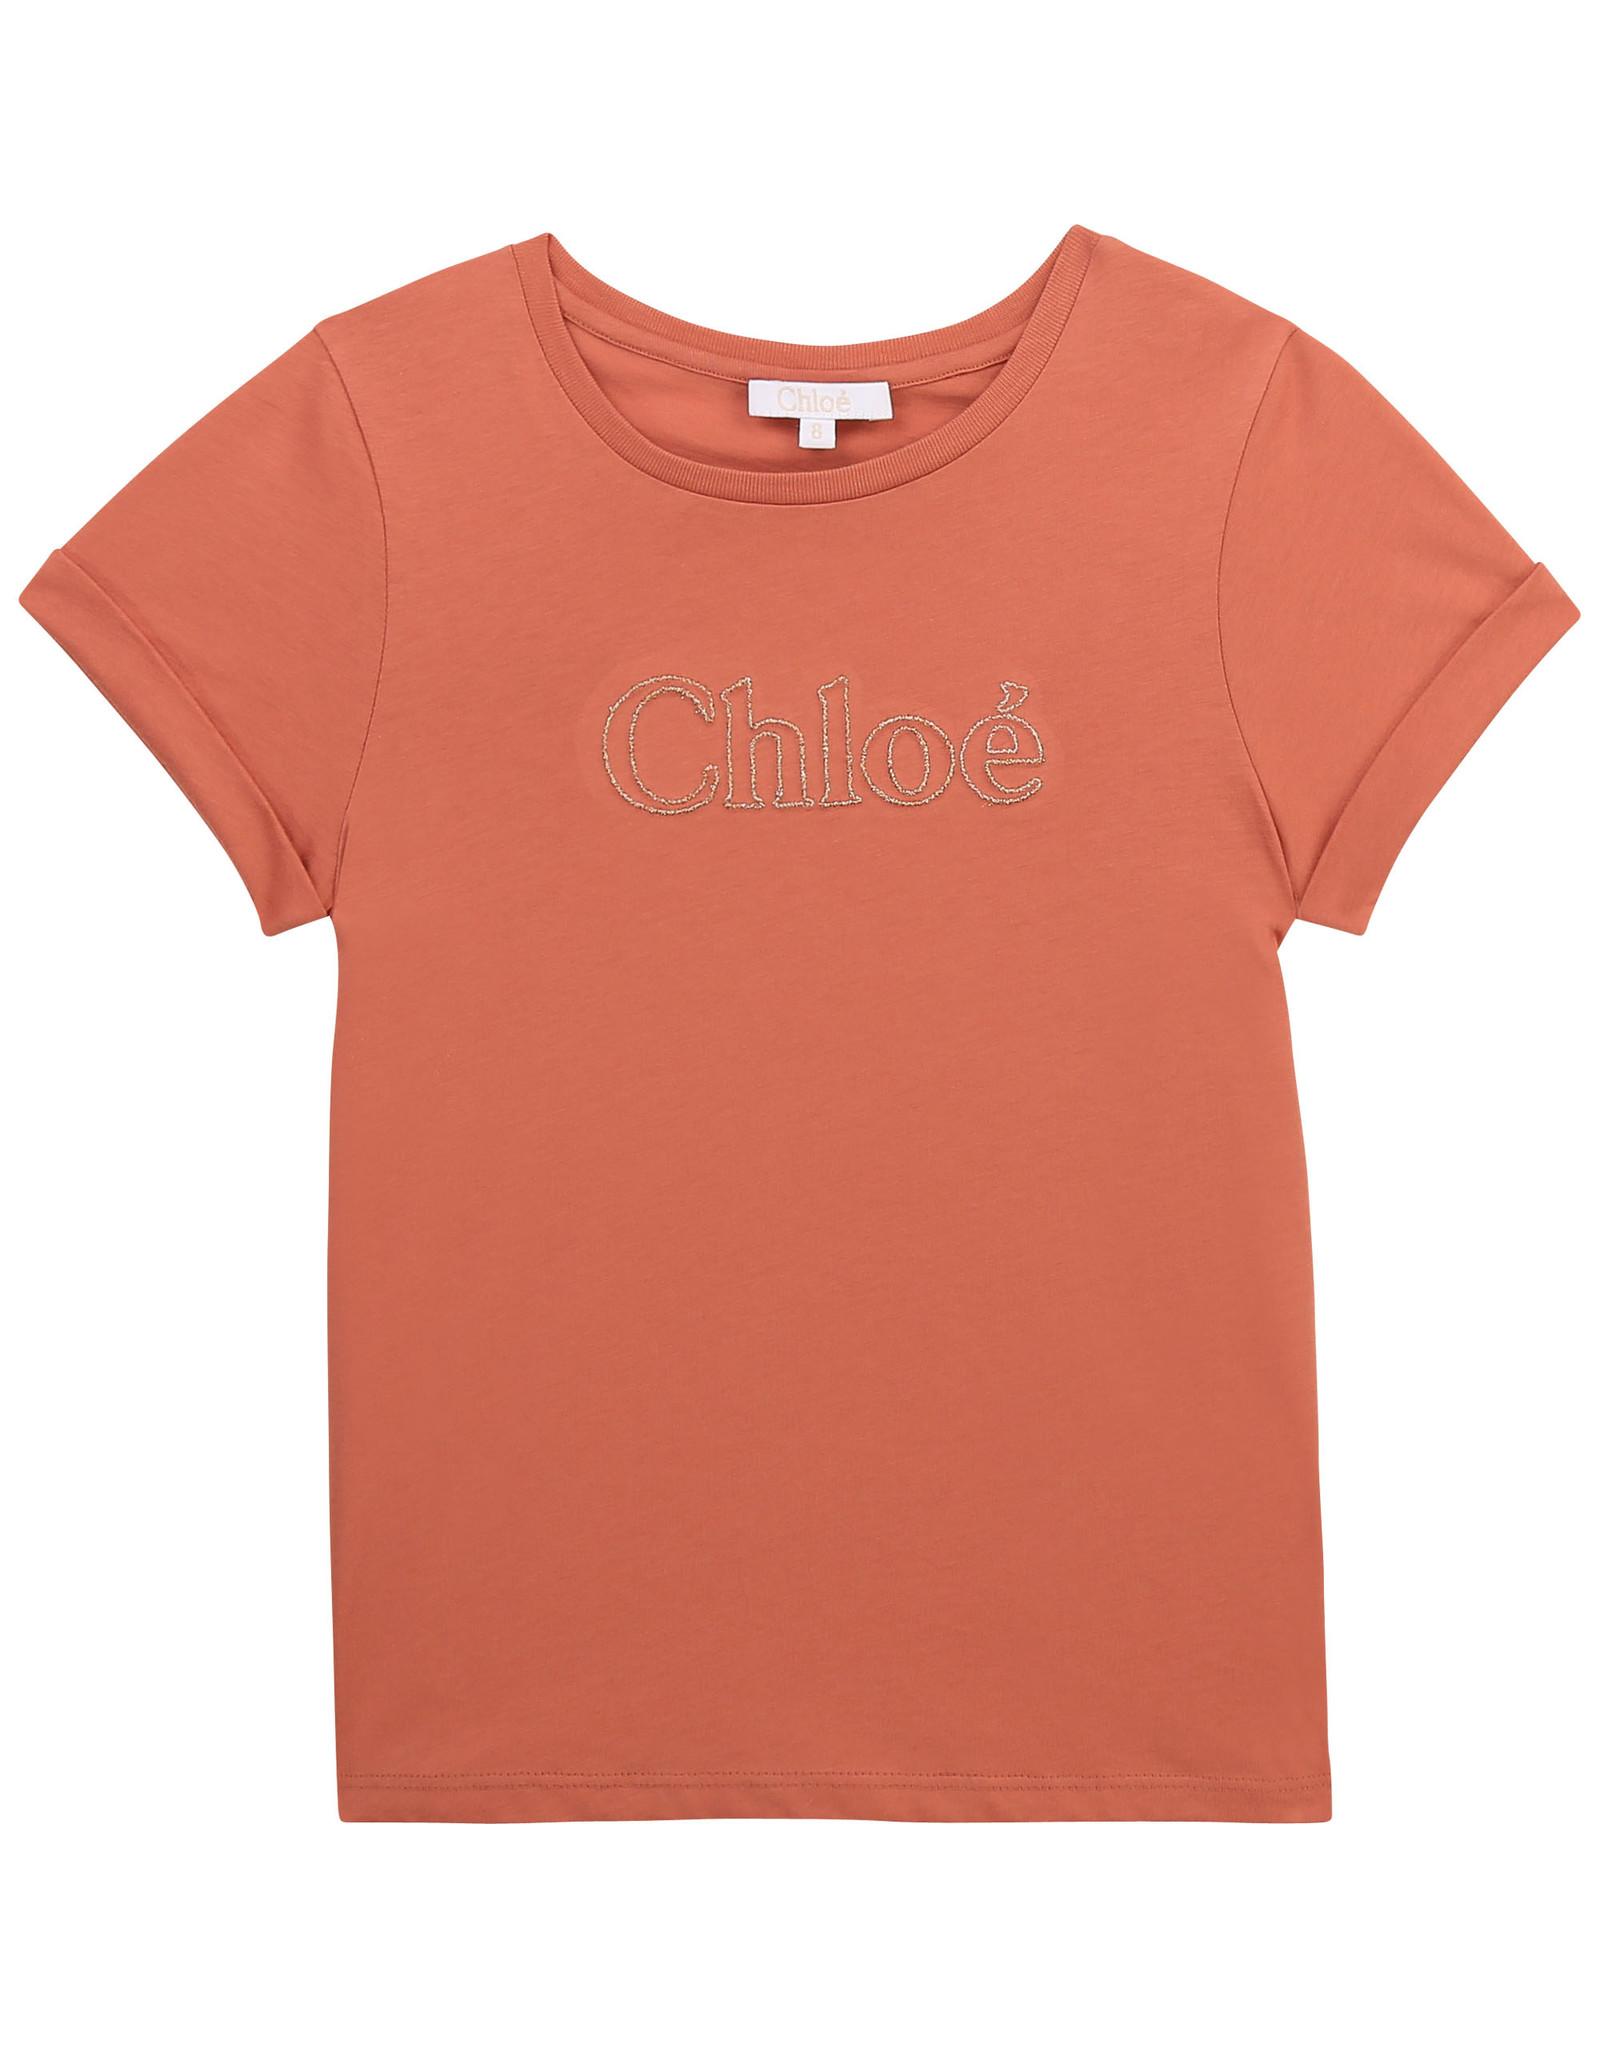 Chloe Chloe SS21 C15B84 T-shirt